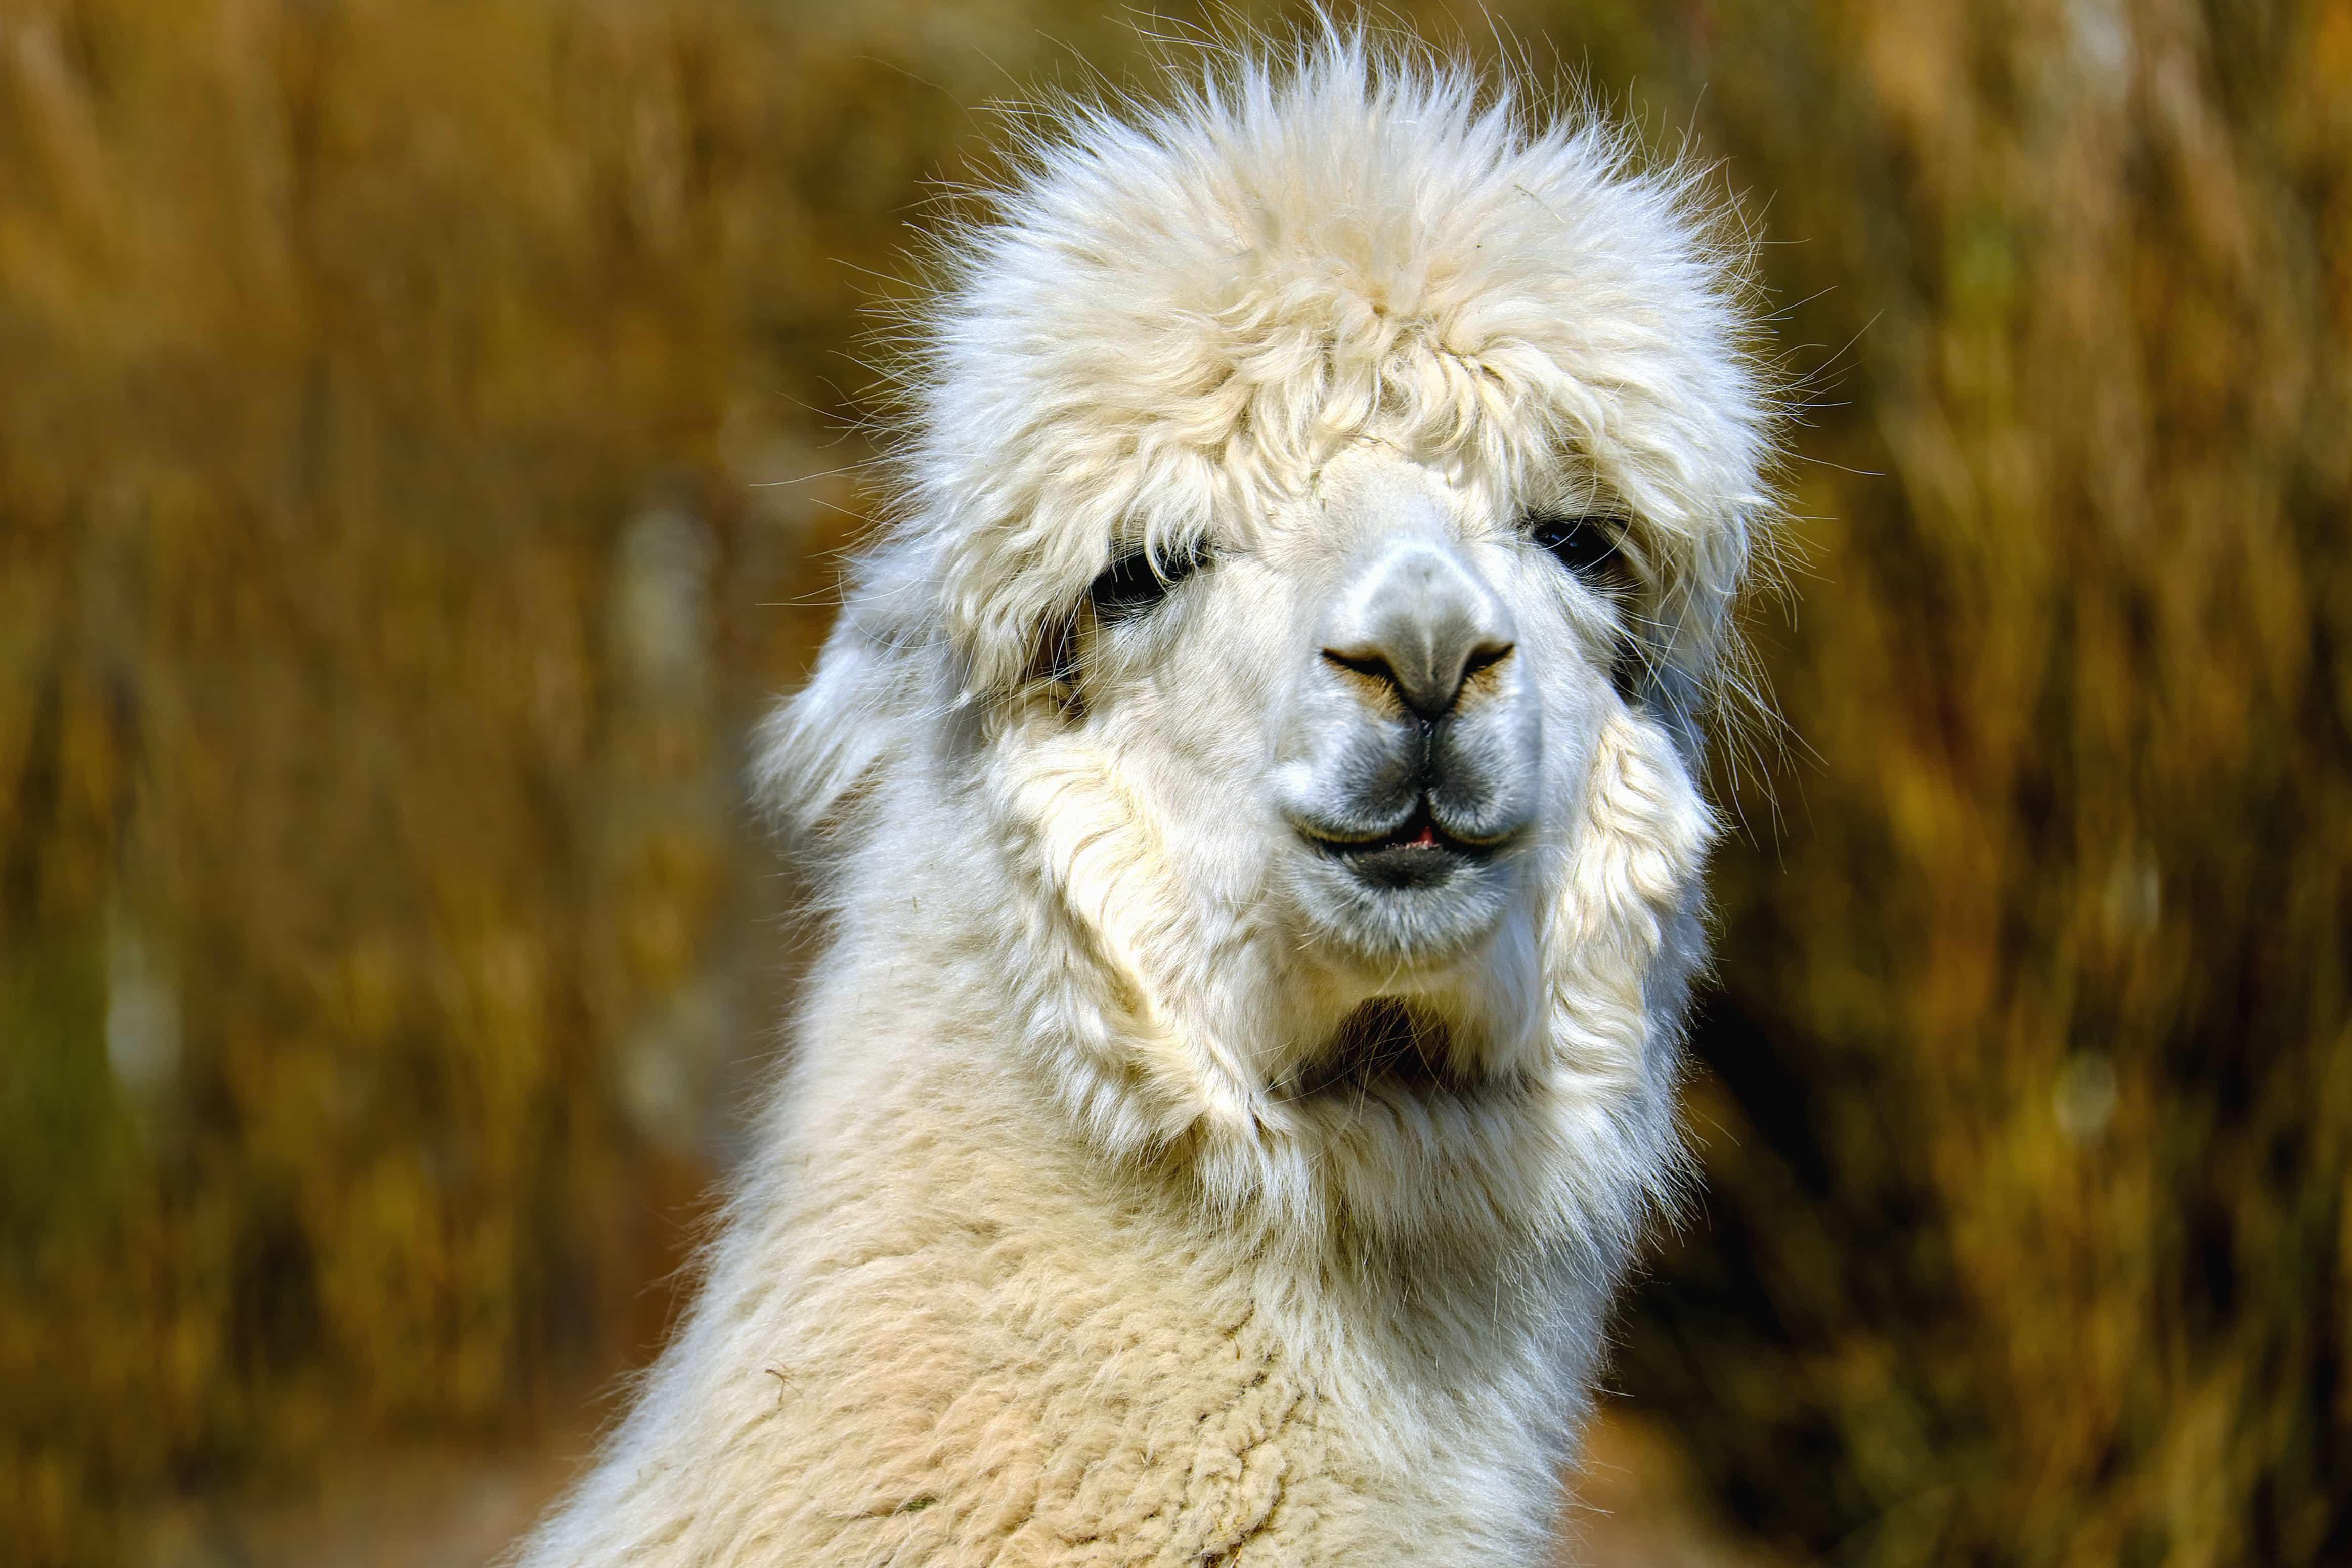 free picture  alpaca  animal  fur  portrait  wildlife